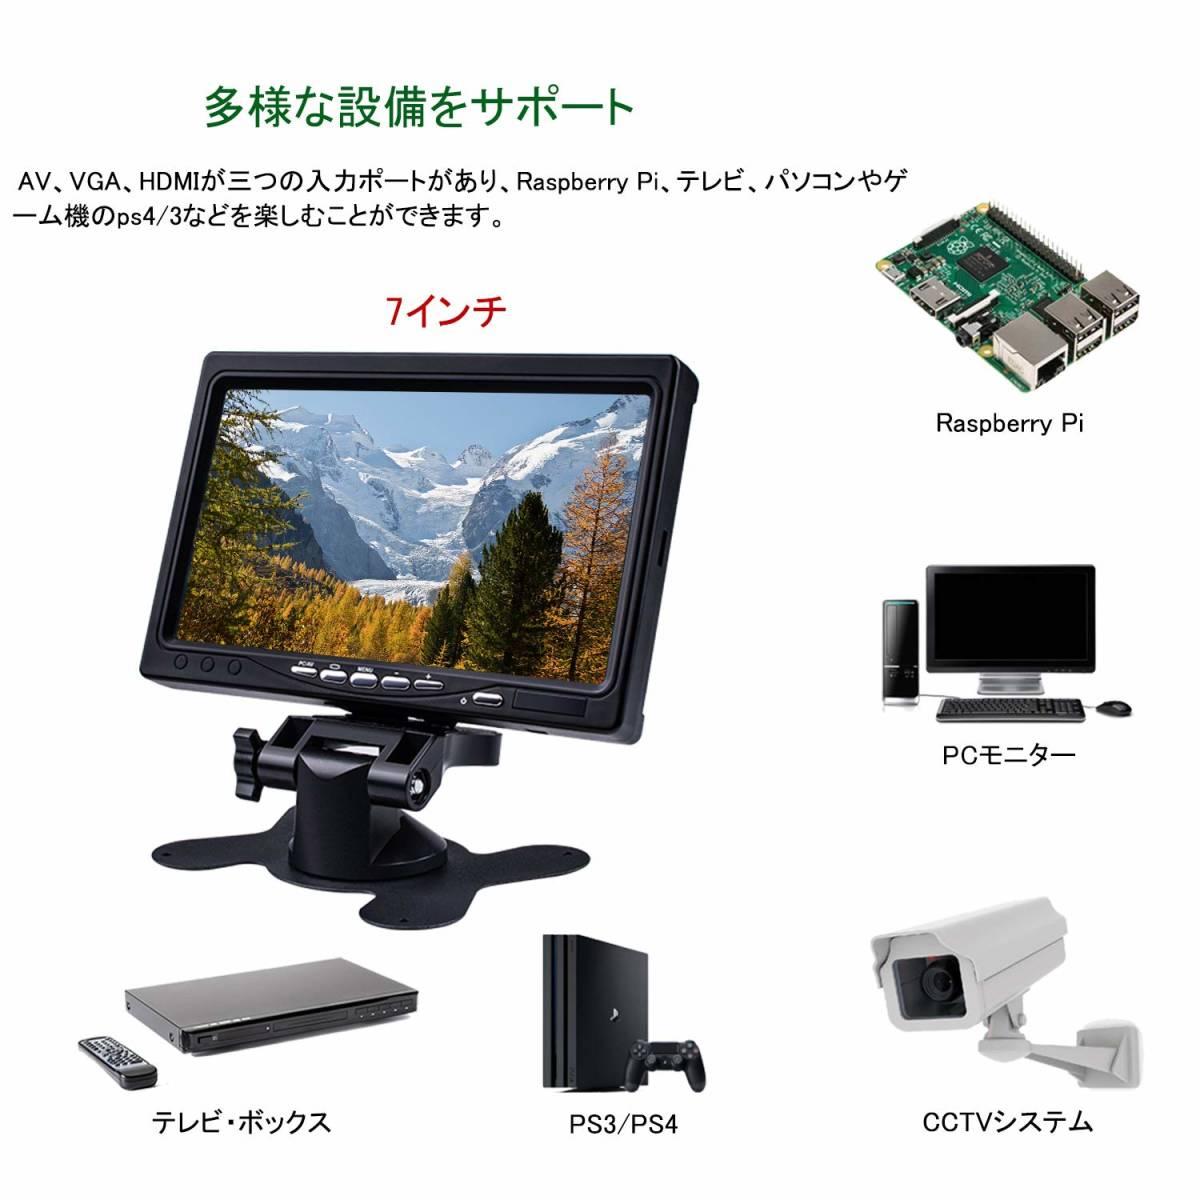 7インチ モニター 小型 1024*600高解像度 HDMI VGA AVポート TFT LED CCTV IPSパネル PCディスプレイ スピーカー内蔵 リモコン 新品未使用_画像5